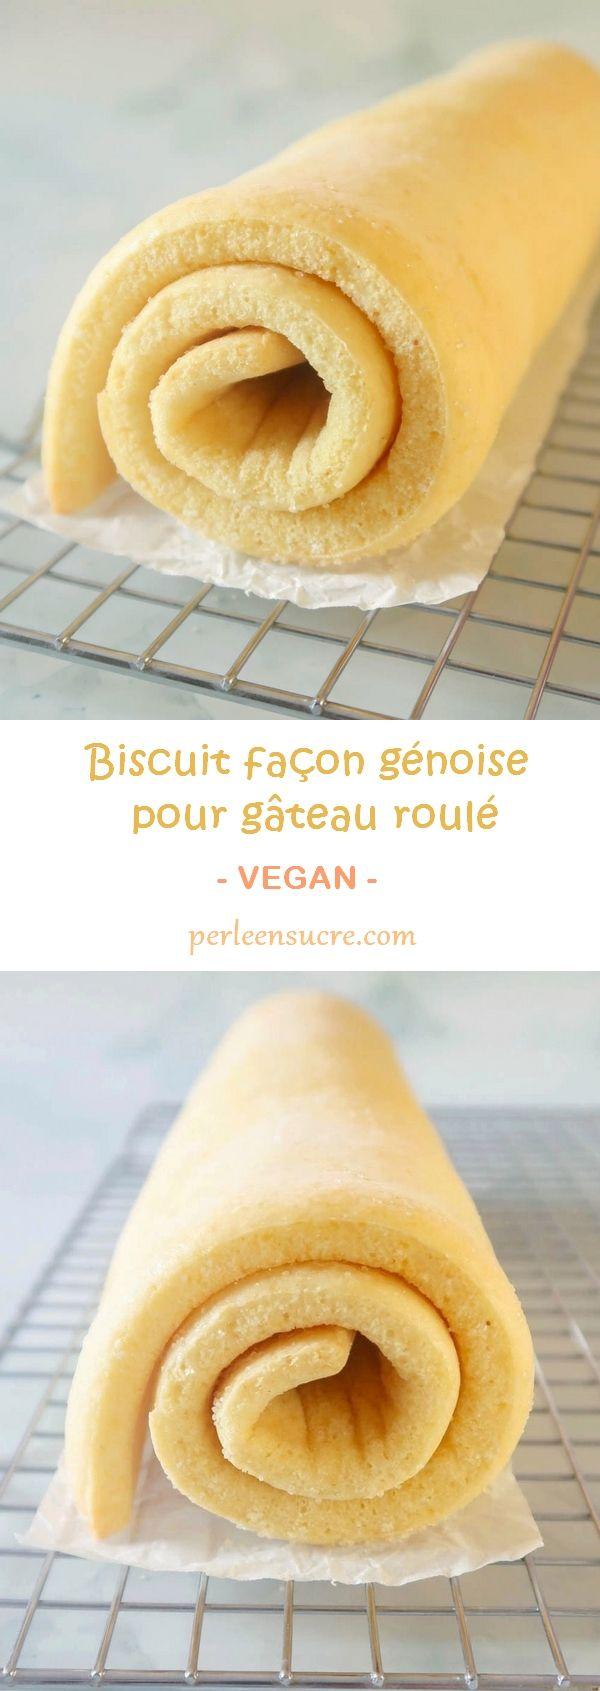 Biscuit façon génoise pour gâteau roulé sans oeufs {vegan